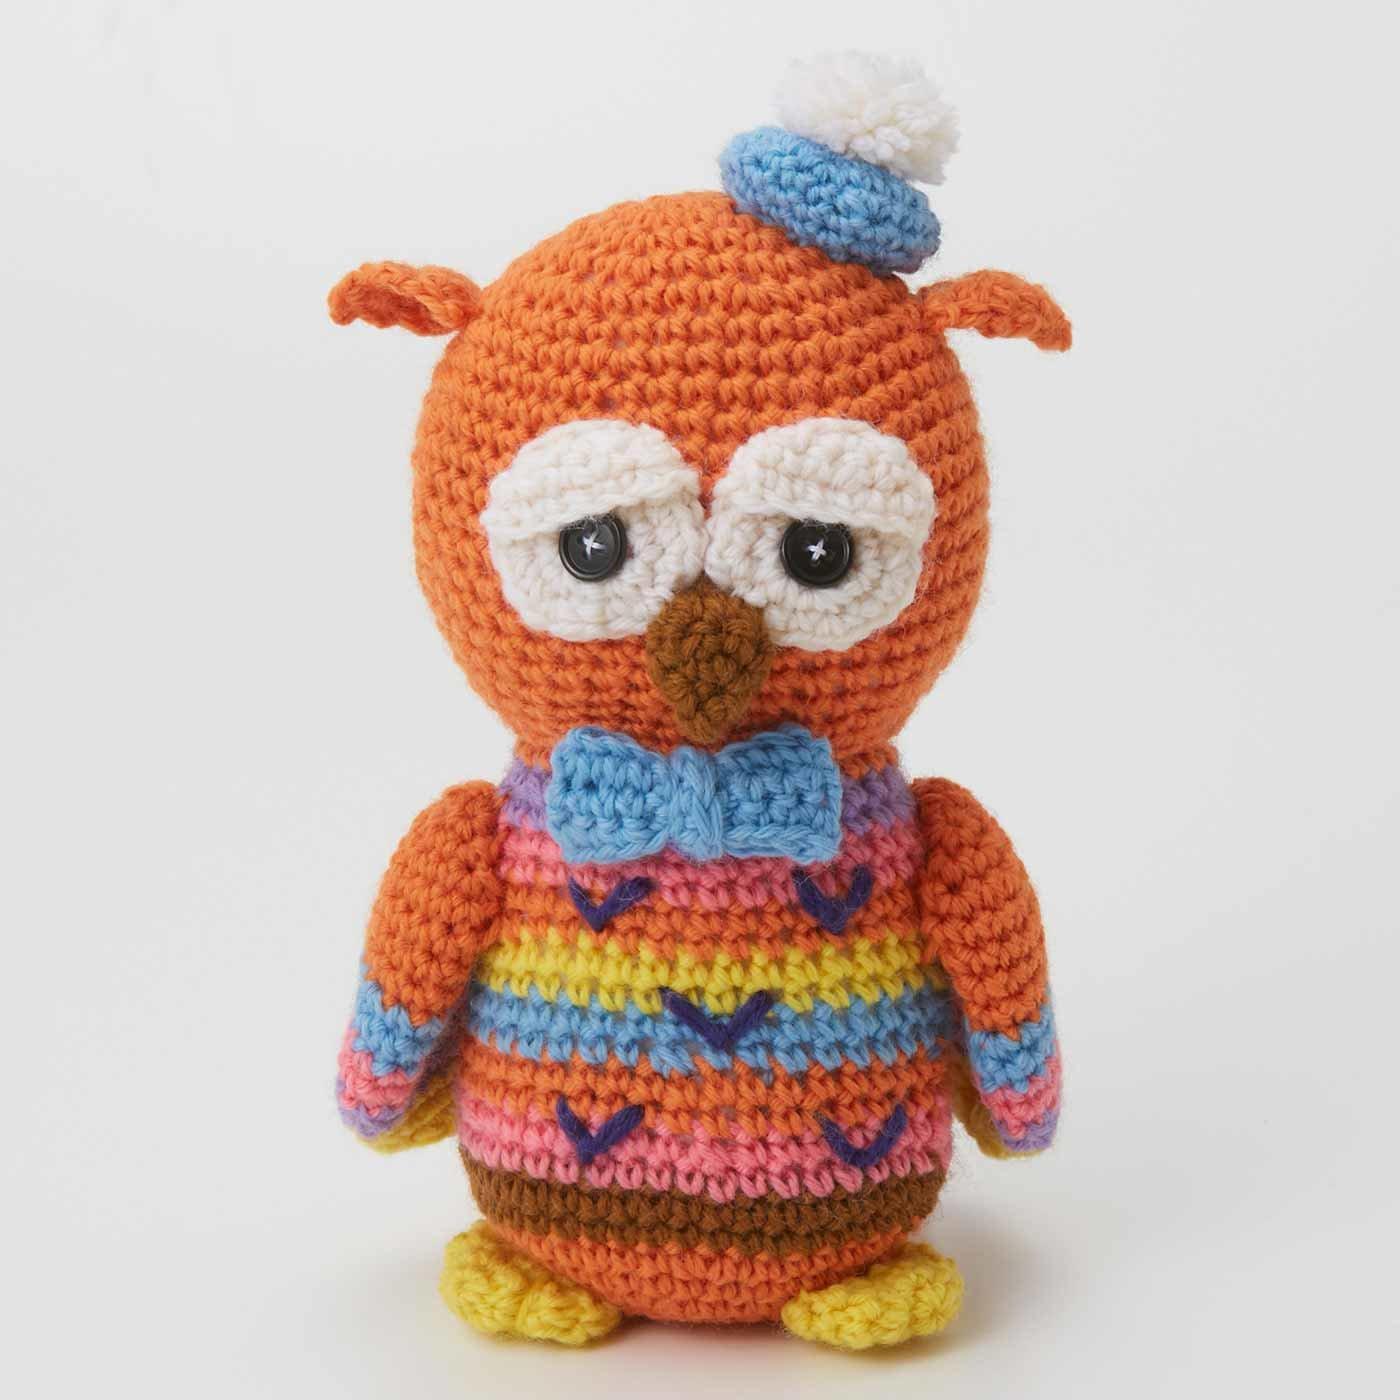 ハッピートイズ 福を呼ぶフクロウくん 編みぐるみ編み図セット